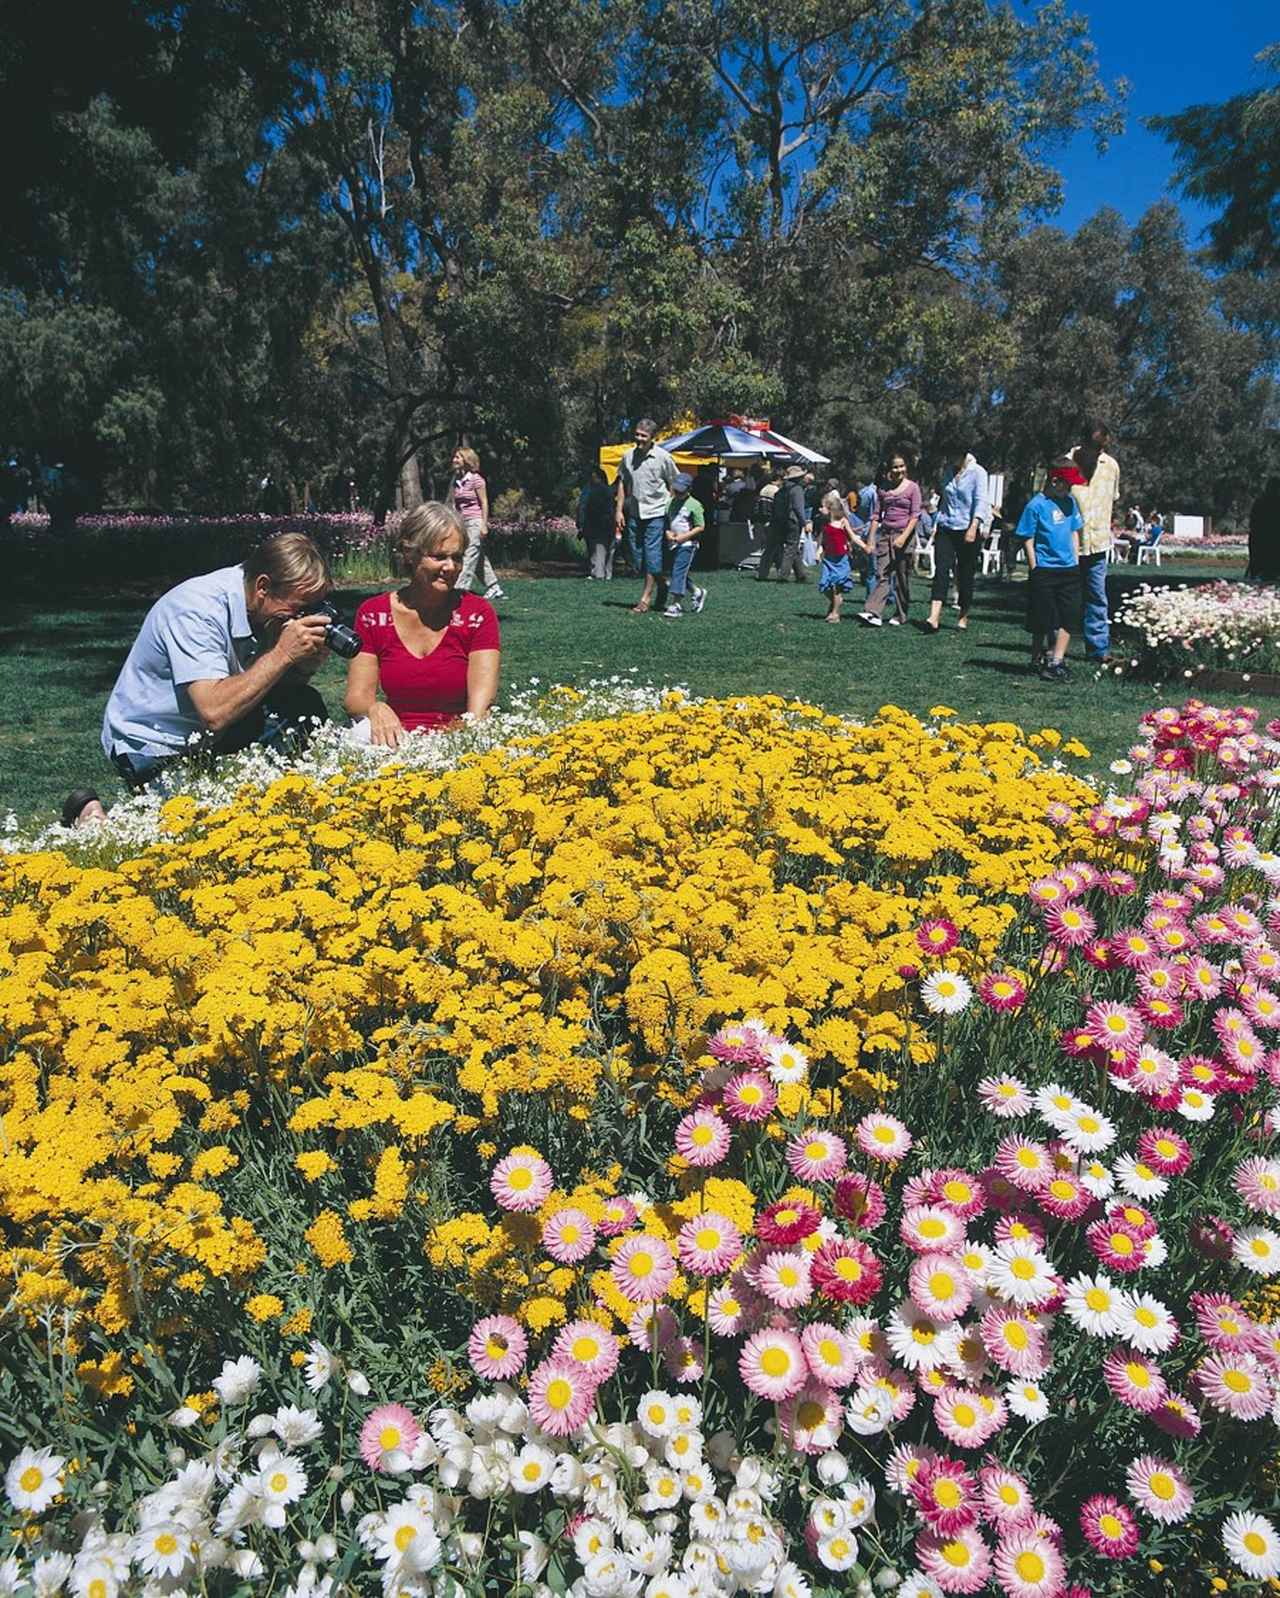 画像: ワイルドフラワーフェスティバルの様子(※花は自然現象なのでご覧いただけない場合があります)